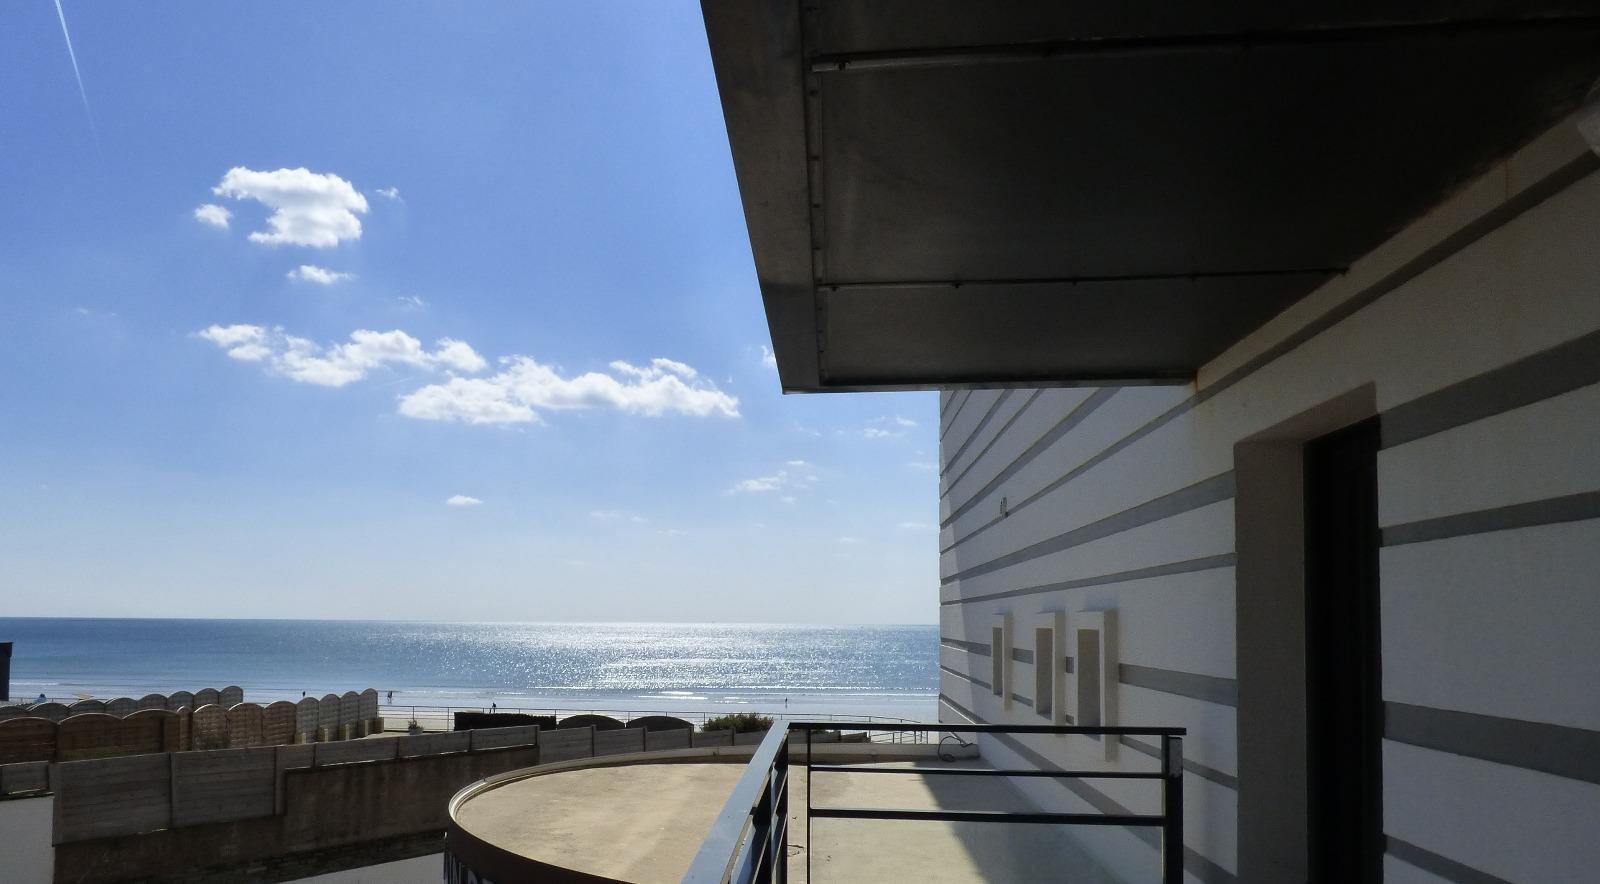 st gilles croix de vie a vendre appartement ligible loi pinel d 39 clic immo st gilles croix. Black Bedroom Furniture Sets. Home Design Ideas